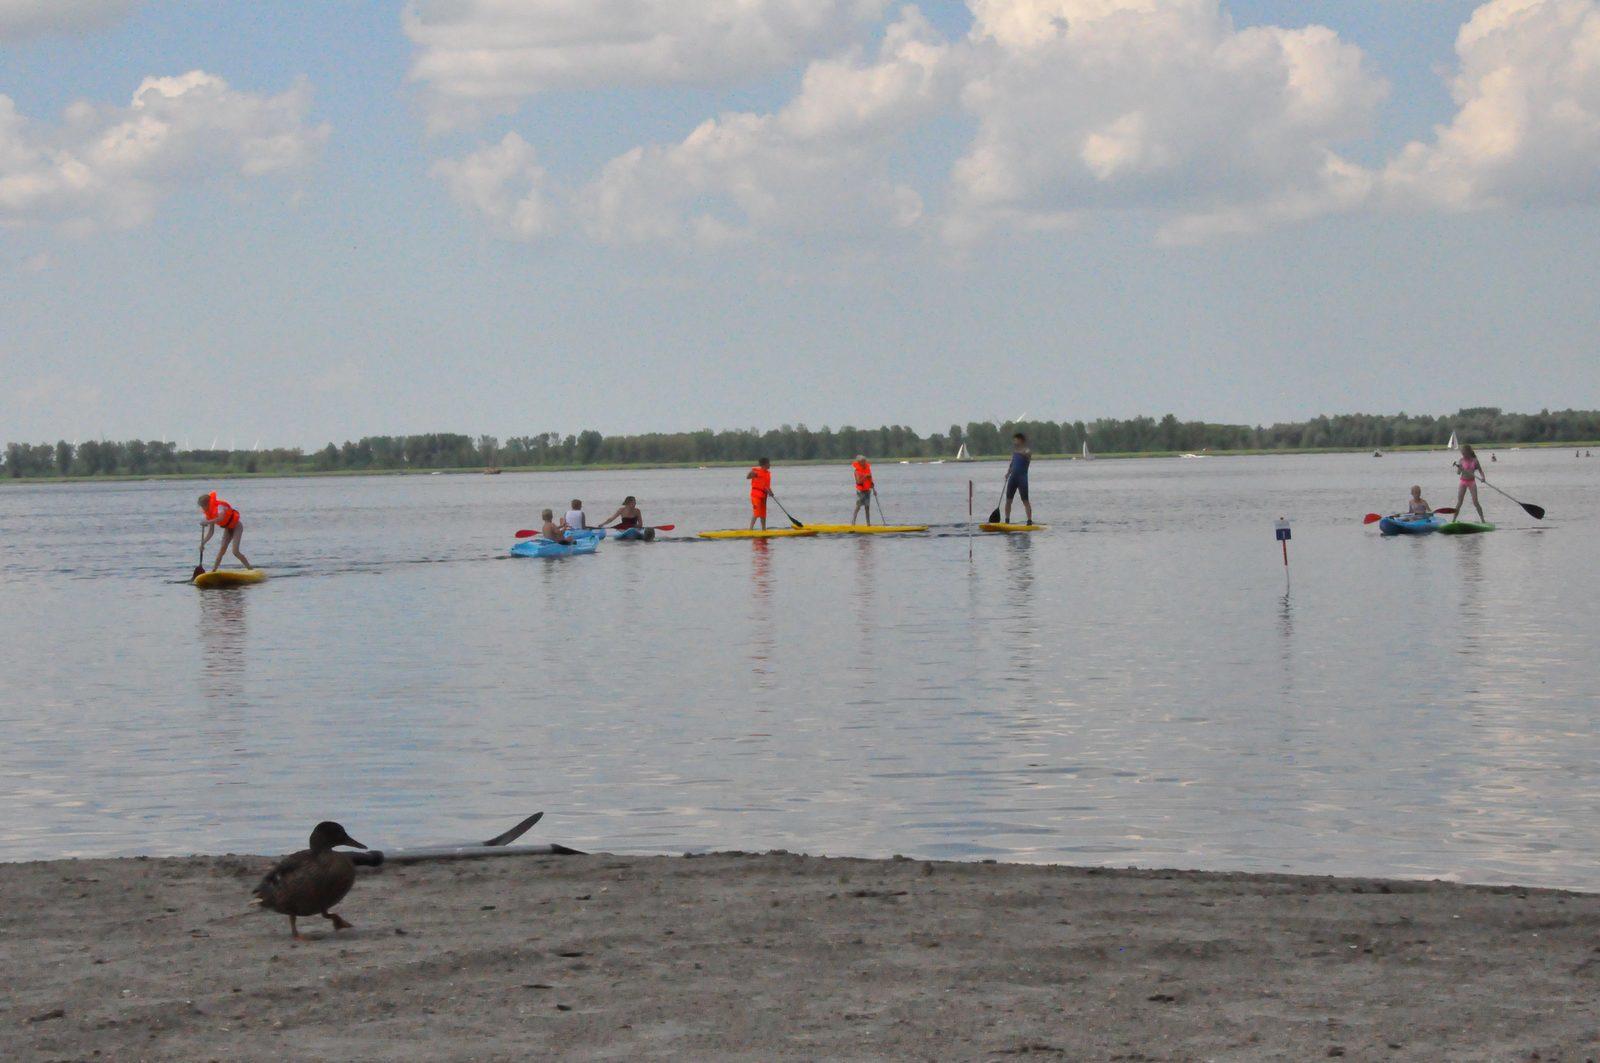 Verhuur van kano's en supboards